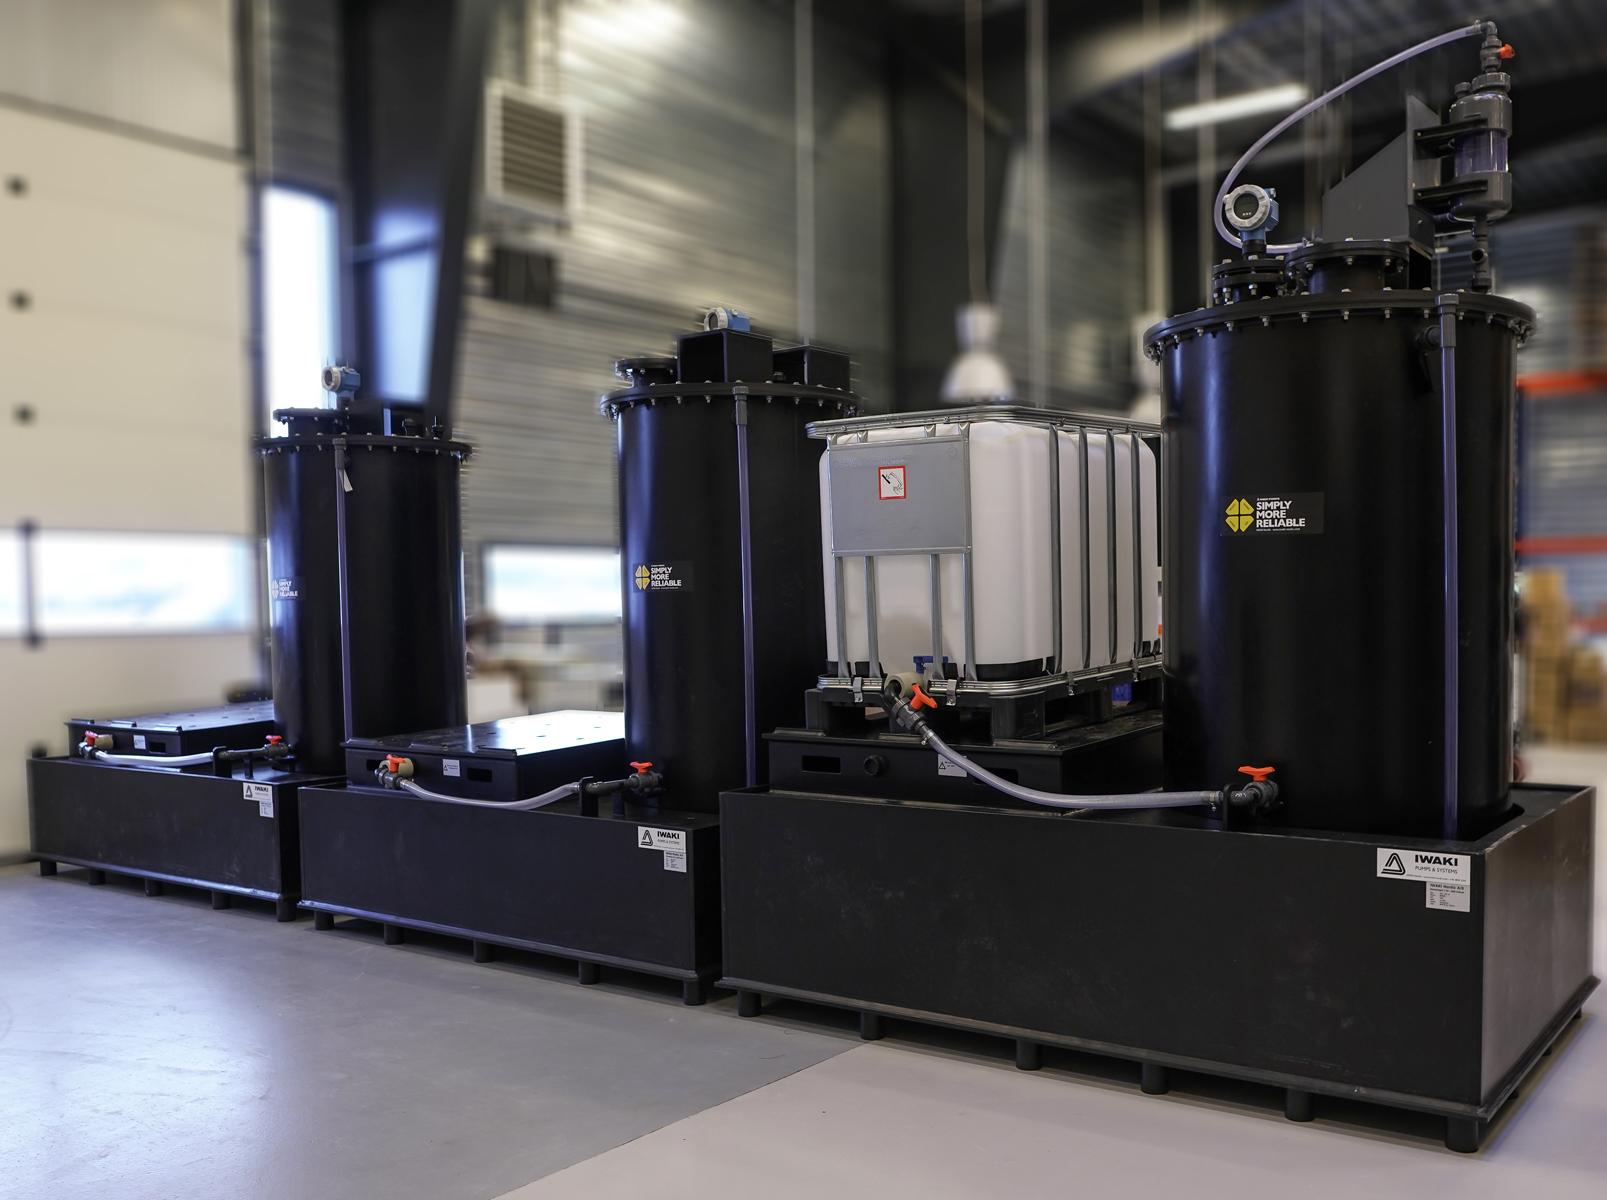 IBC lagerenhed i PE100-RC til hurtig og sikker ombytning af palletanke